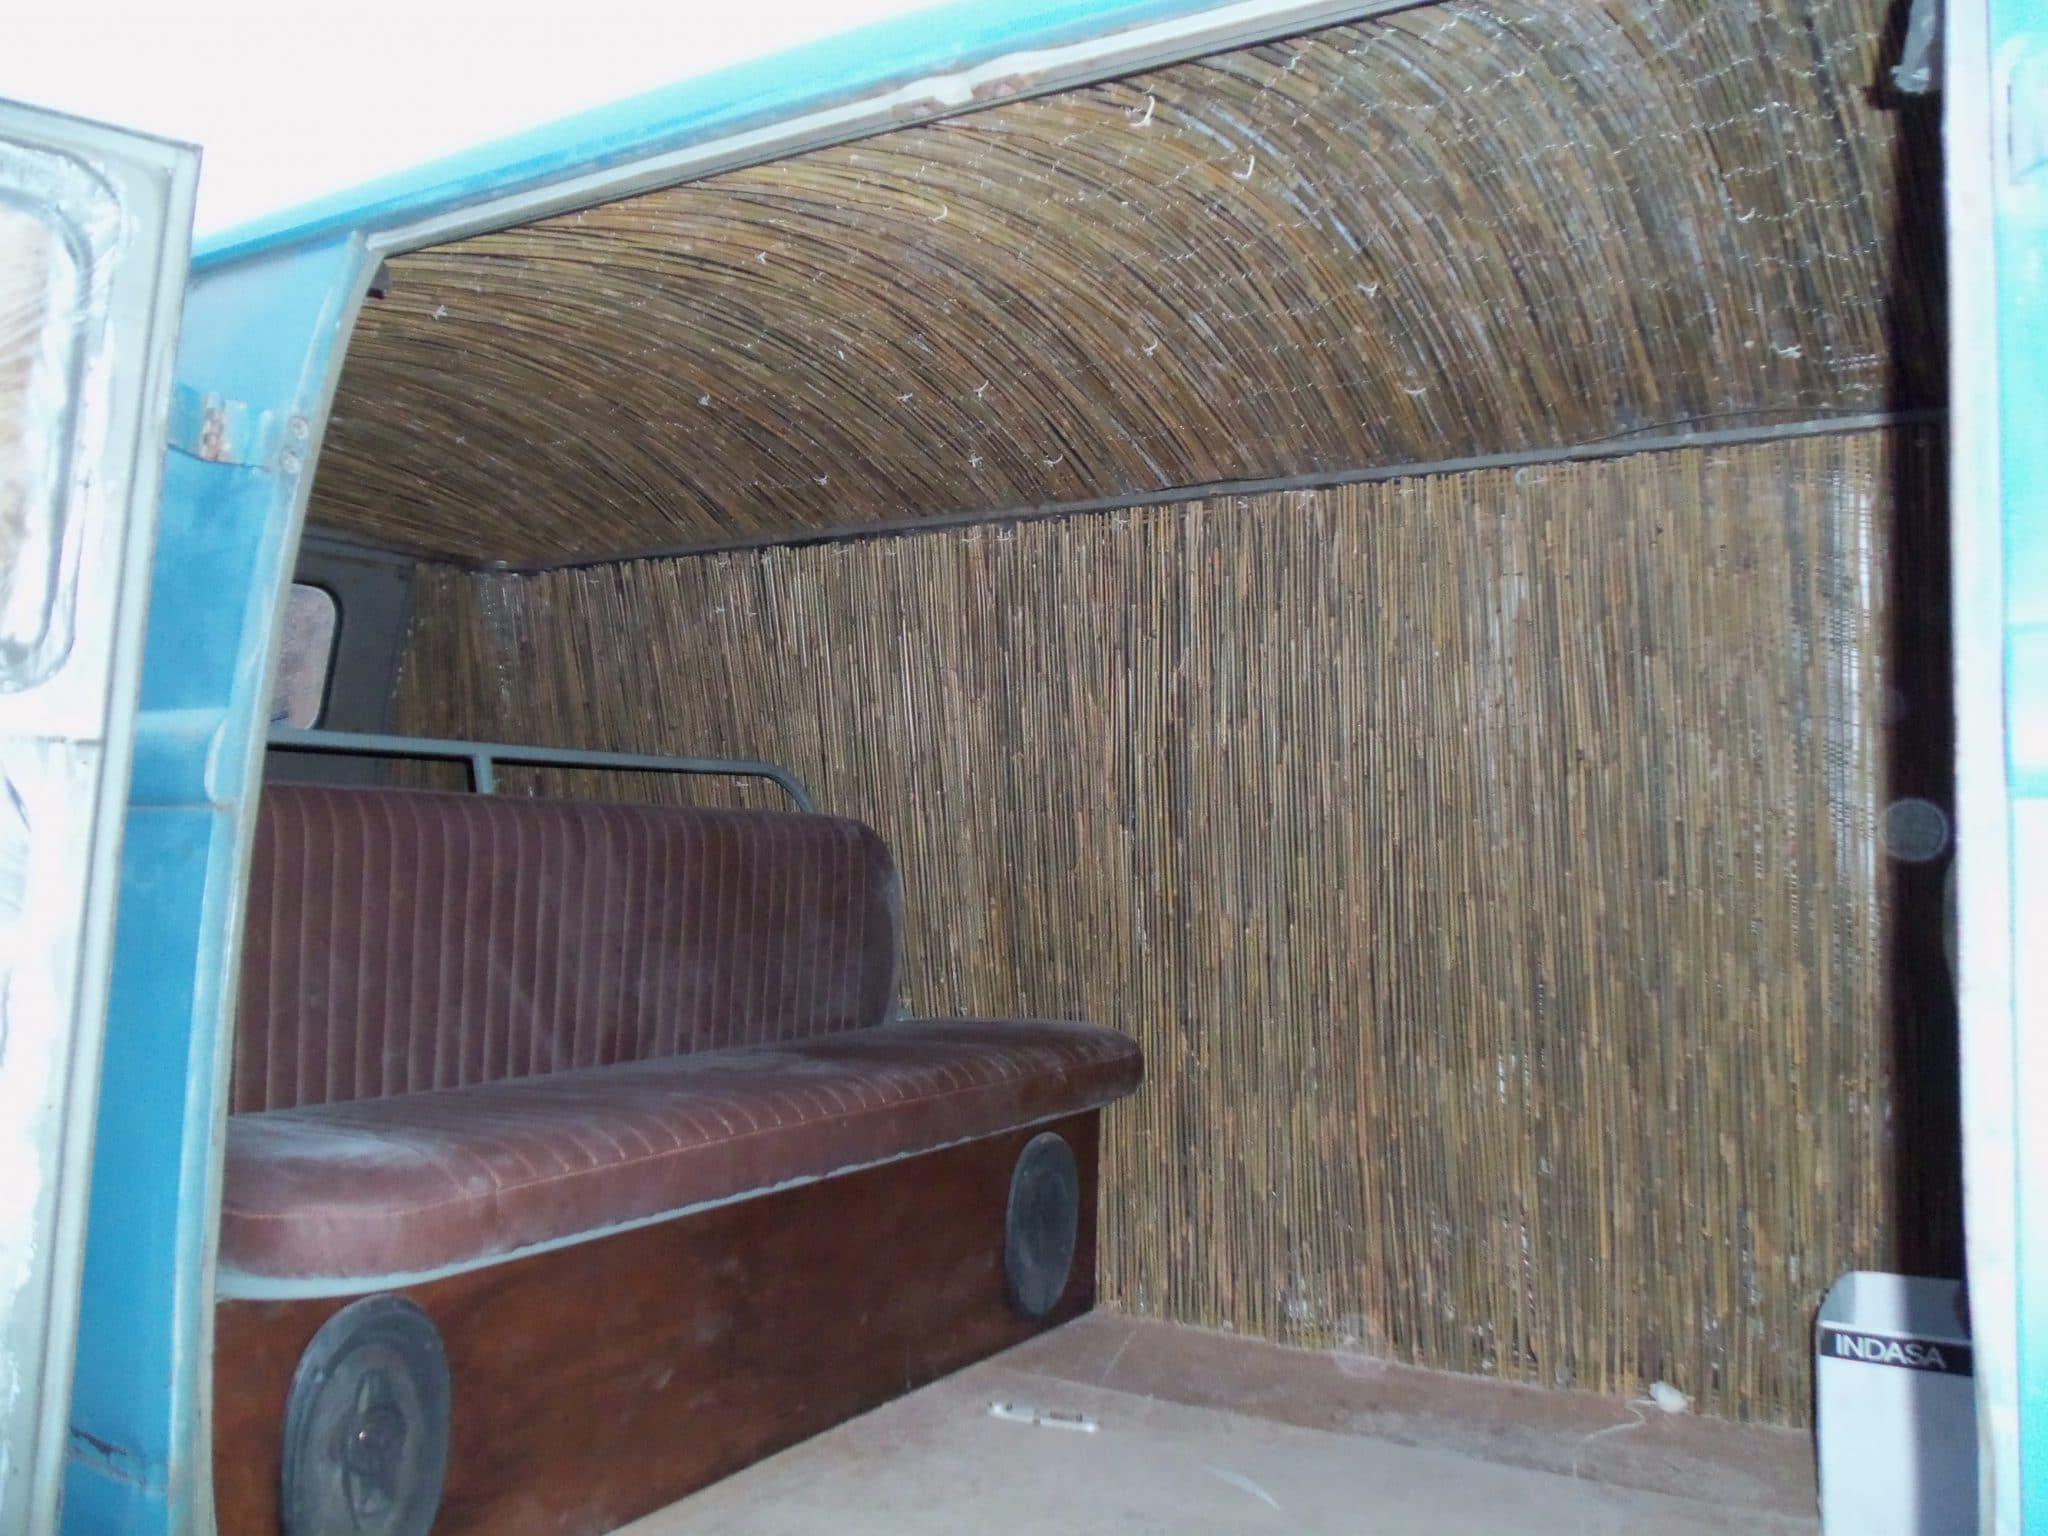 VW camper van - leather car seat restoration